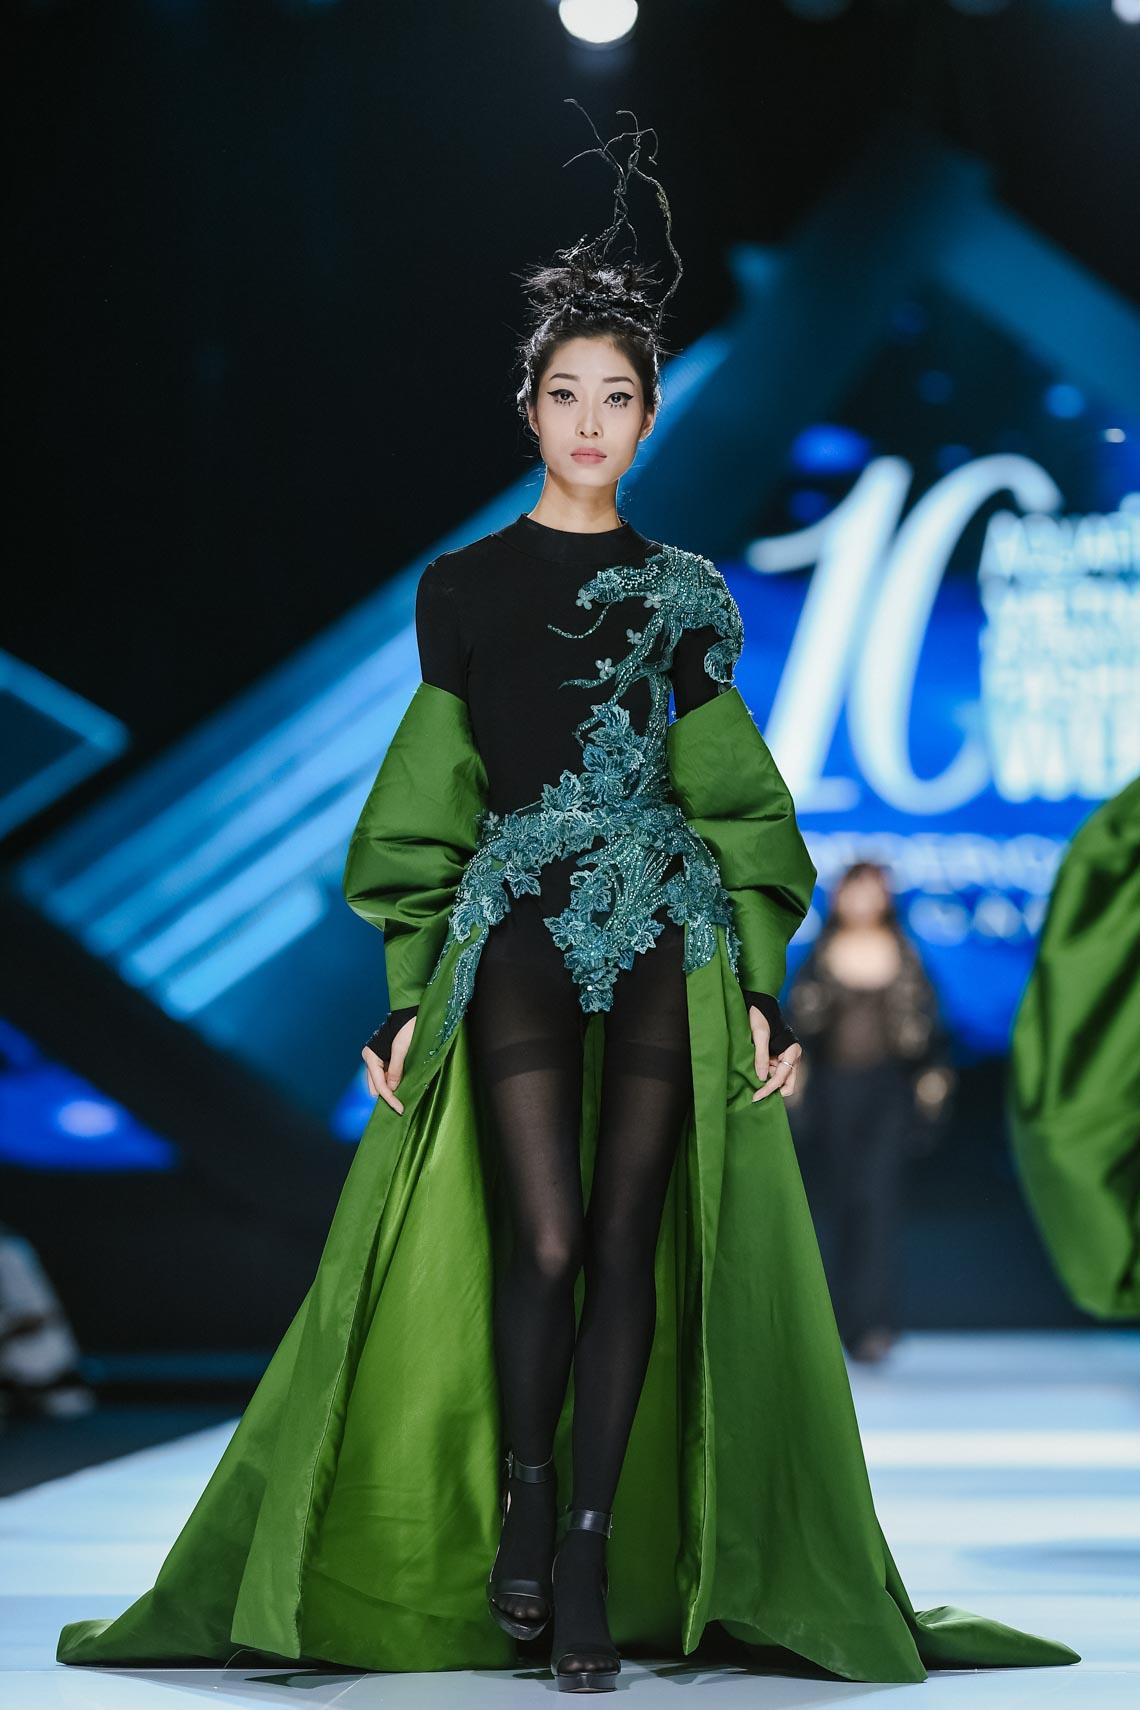 Siêu mẫu Thanh Hằng trong BST mới nhất của Frederick Lee trên sàn diễn Tuần lễ Thời trang Quốc tế Việt Nam Thu Đông 2019 - 10